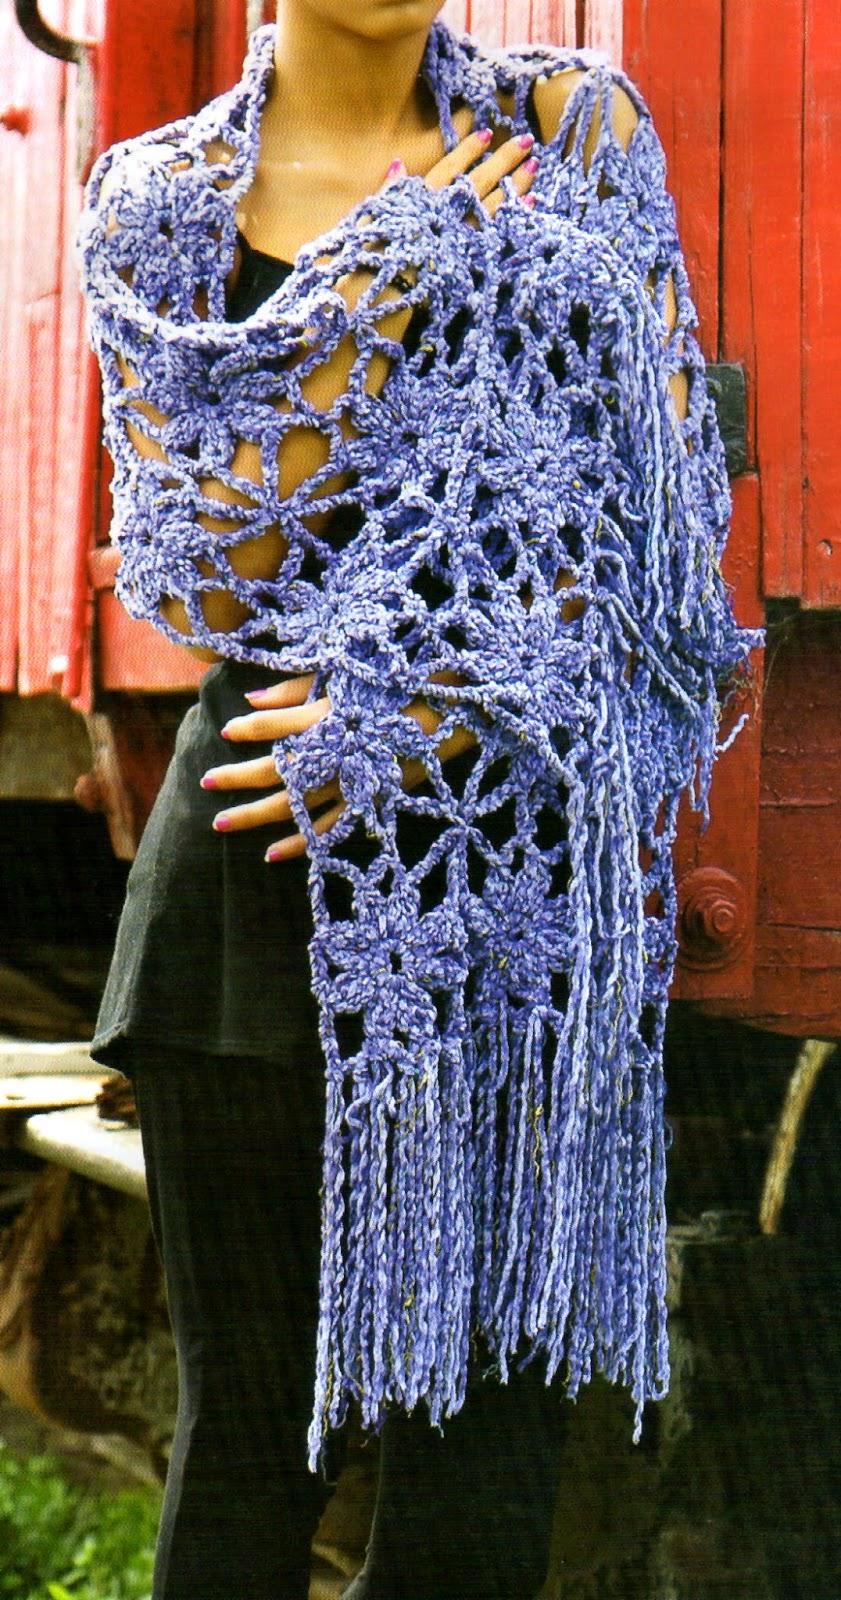 tejidos artesanales en crochet: febrero 2014